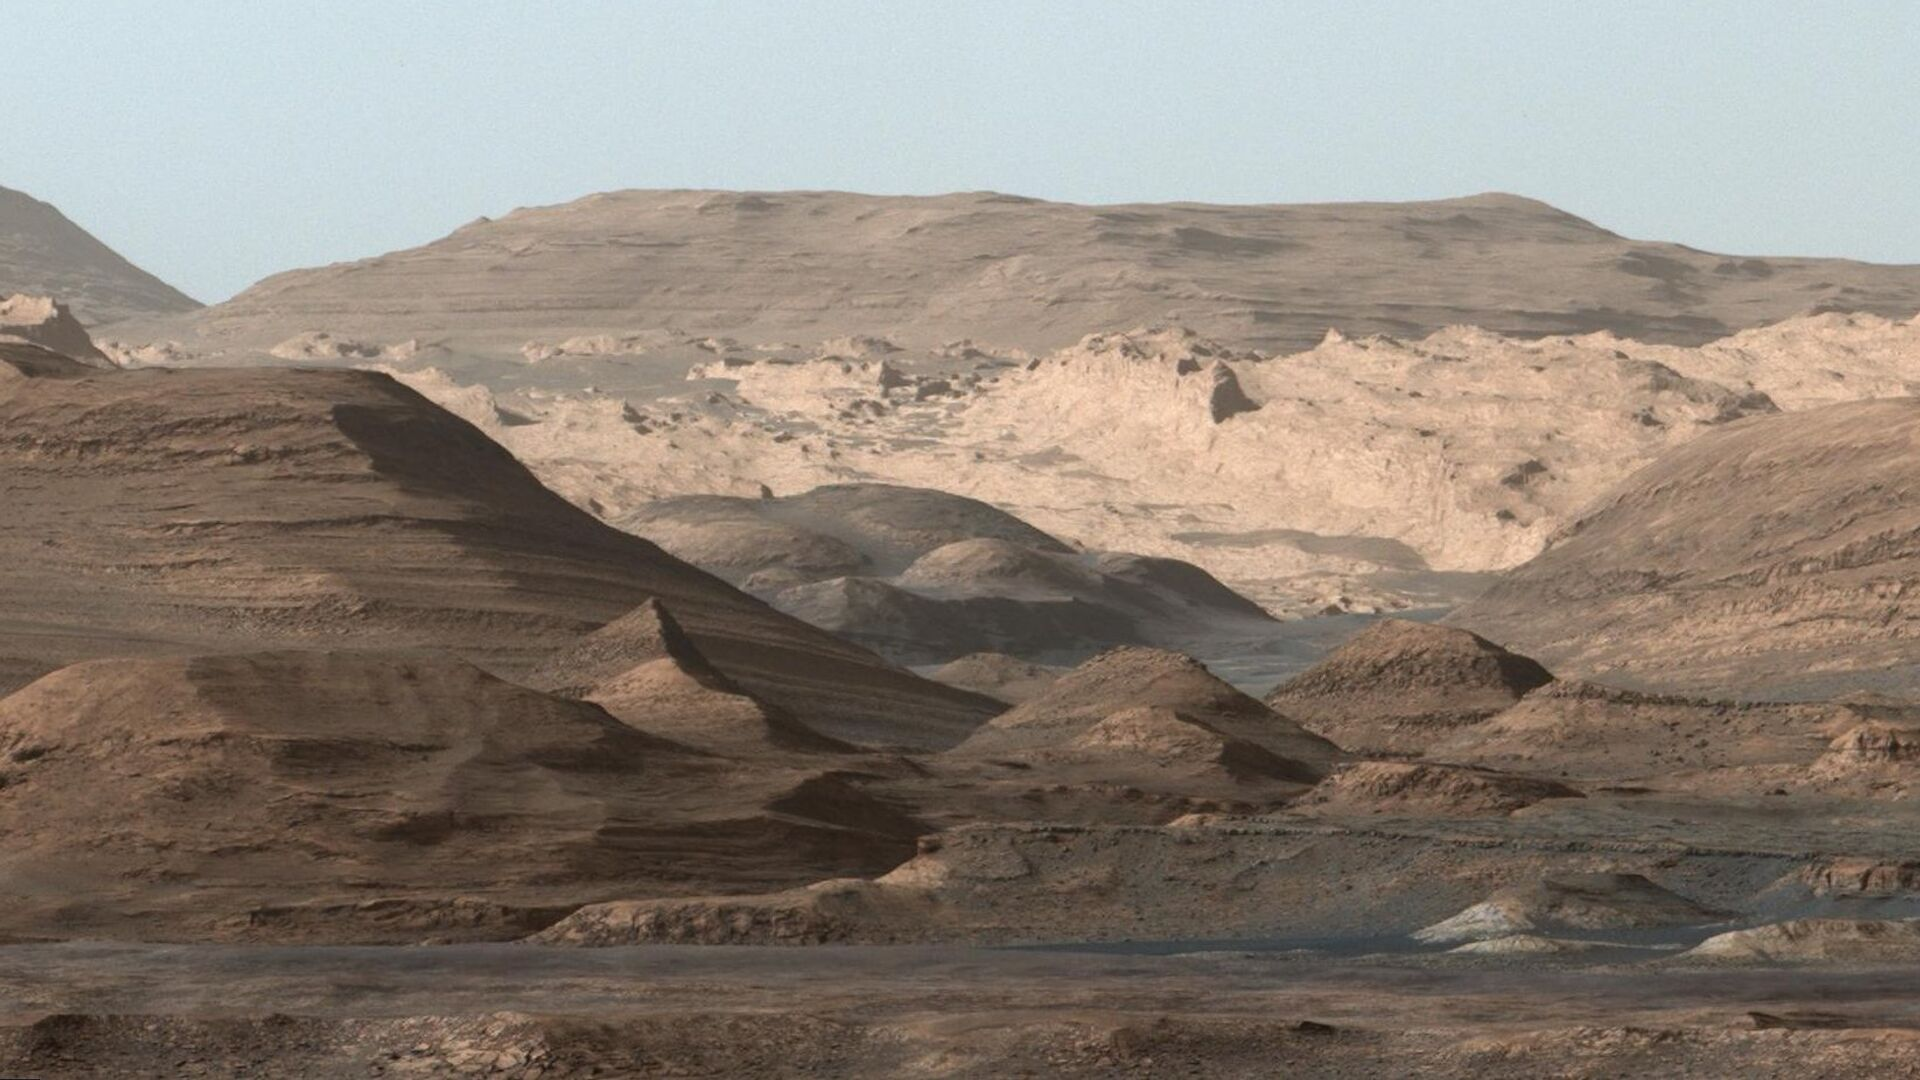 El Monte Sharp en la superficie del Marte - Sputnik Mundo, 1920, 19.03.2021